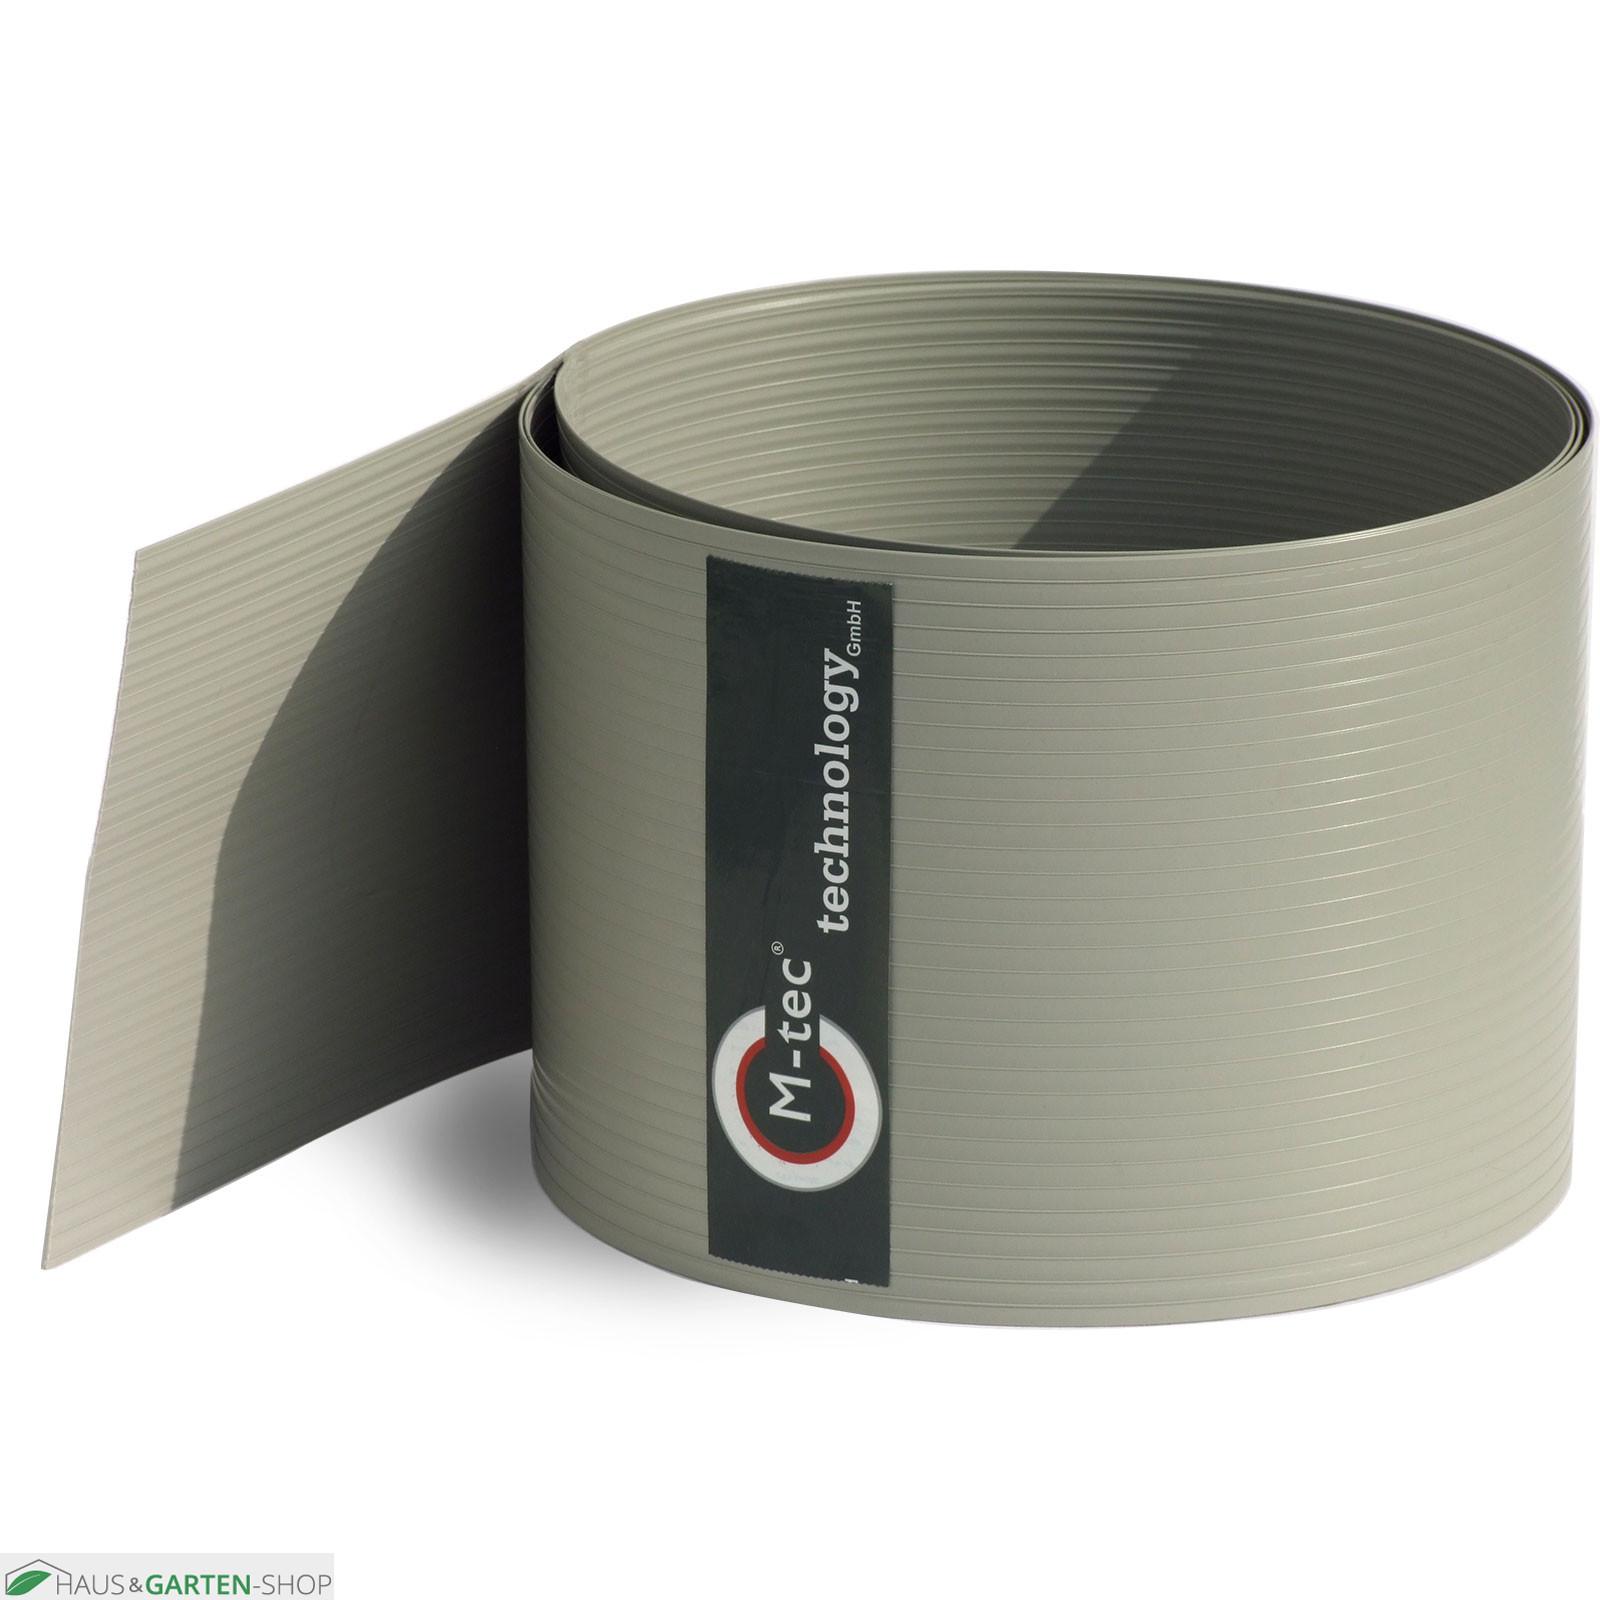 Zaunblendenstreifen Hart PVC in steingrau zum einflechten